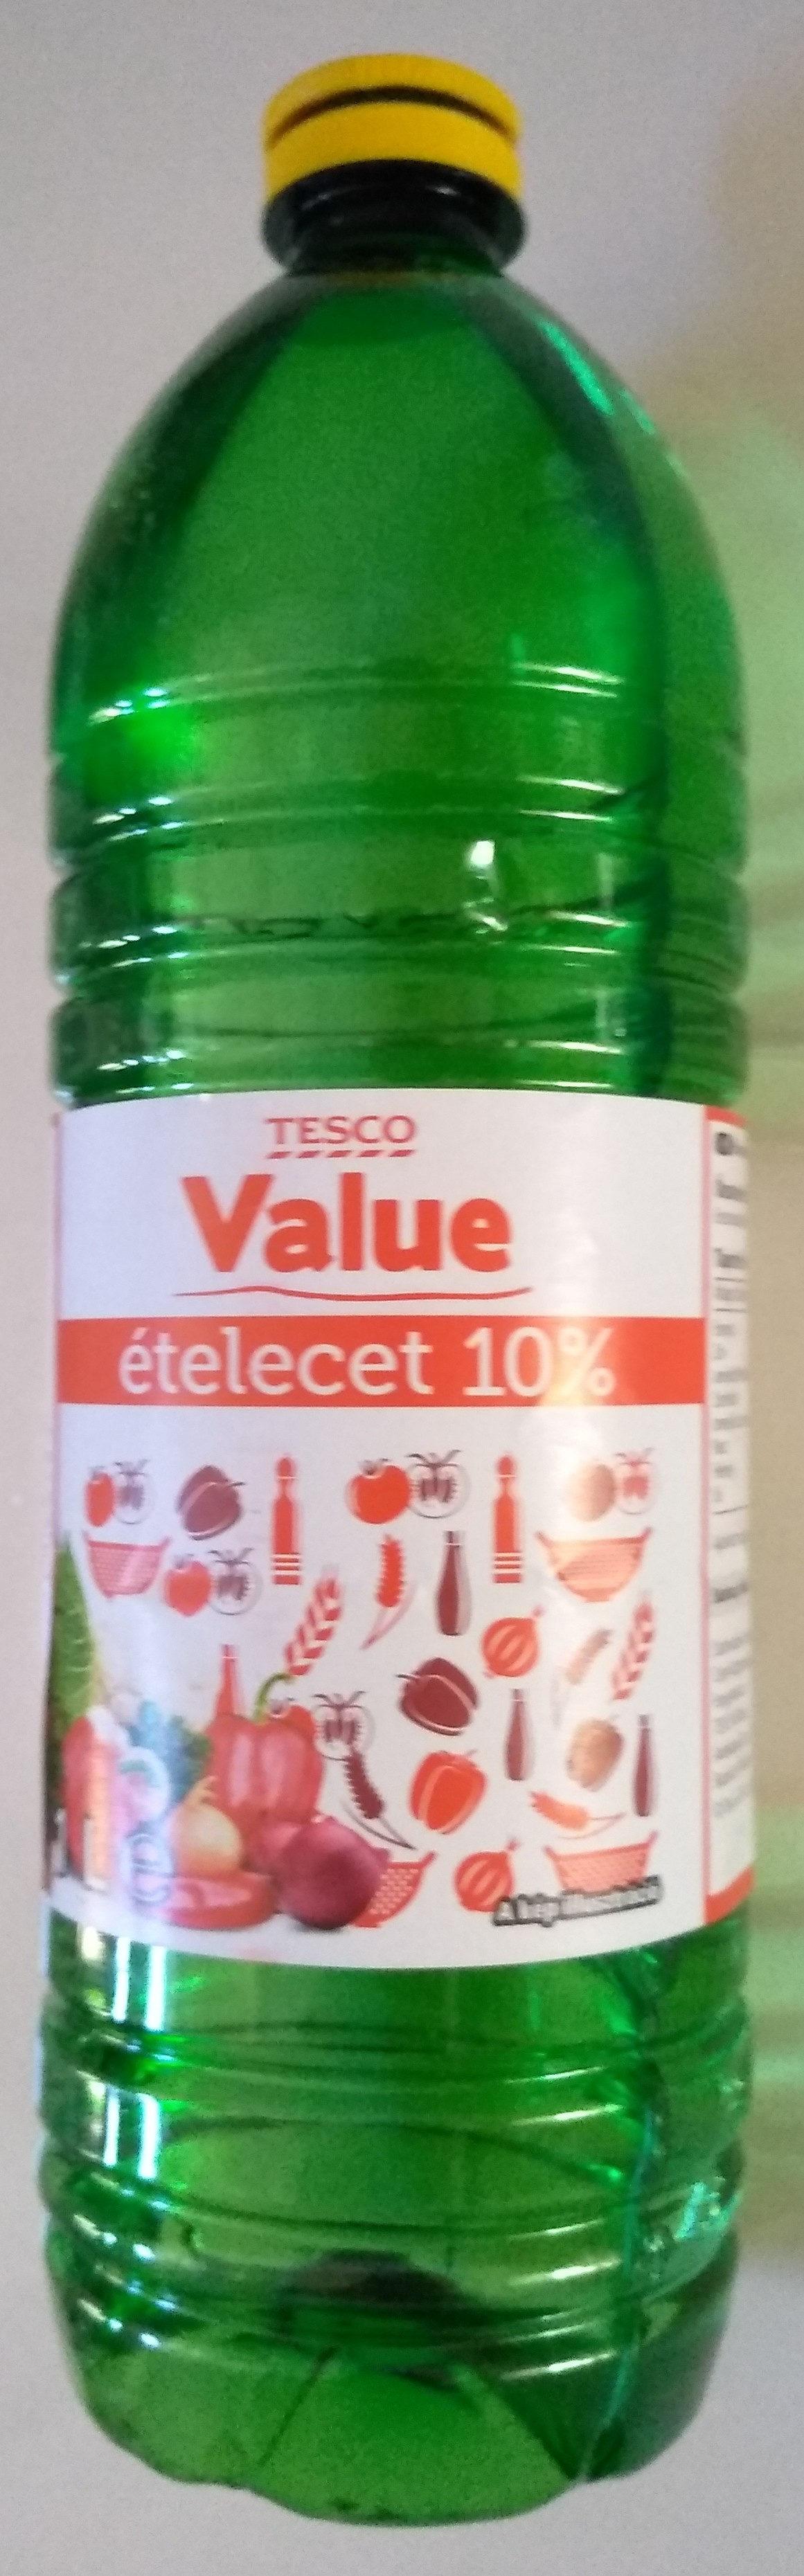 Value Ételecet 10% - Produit - hu